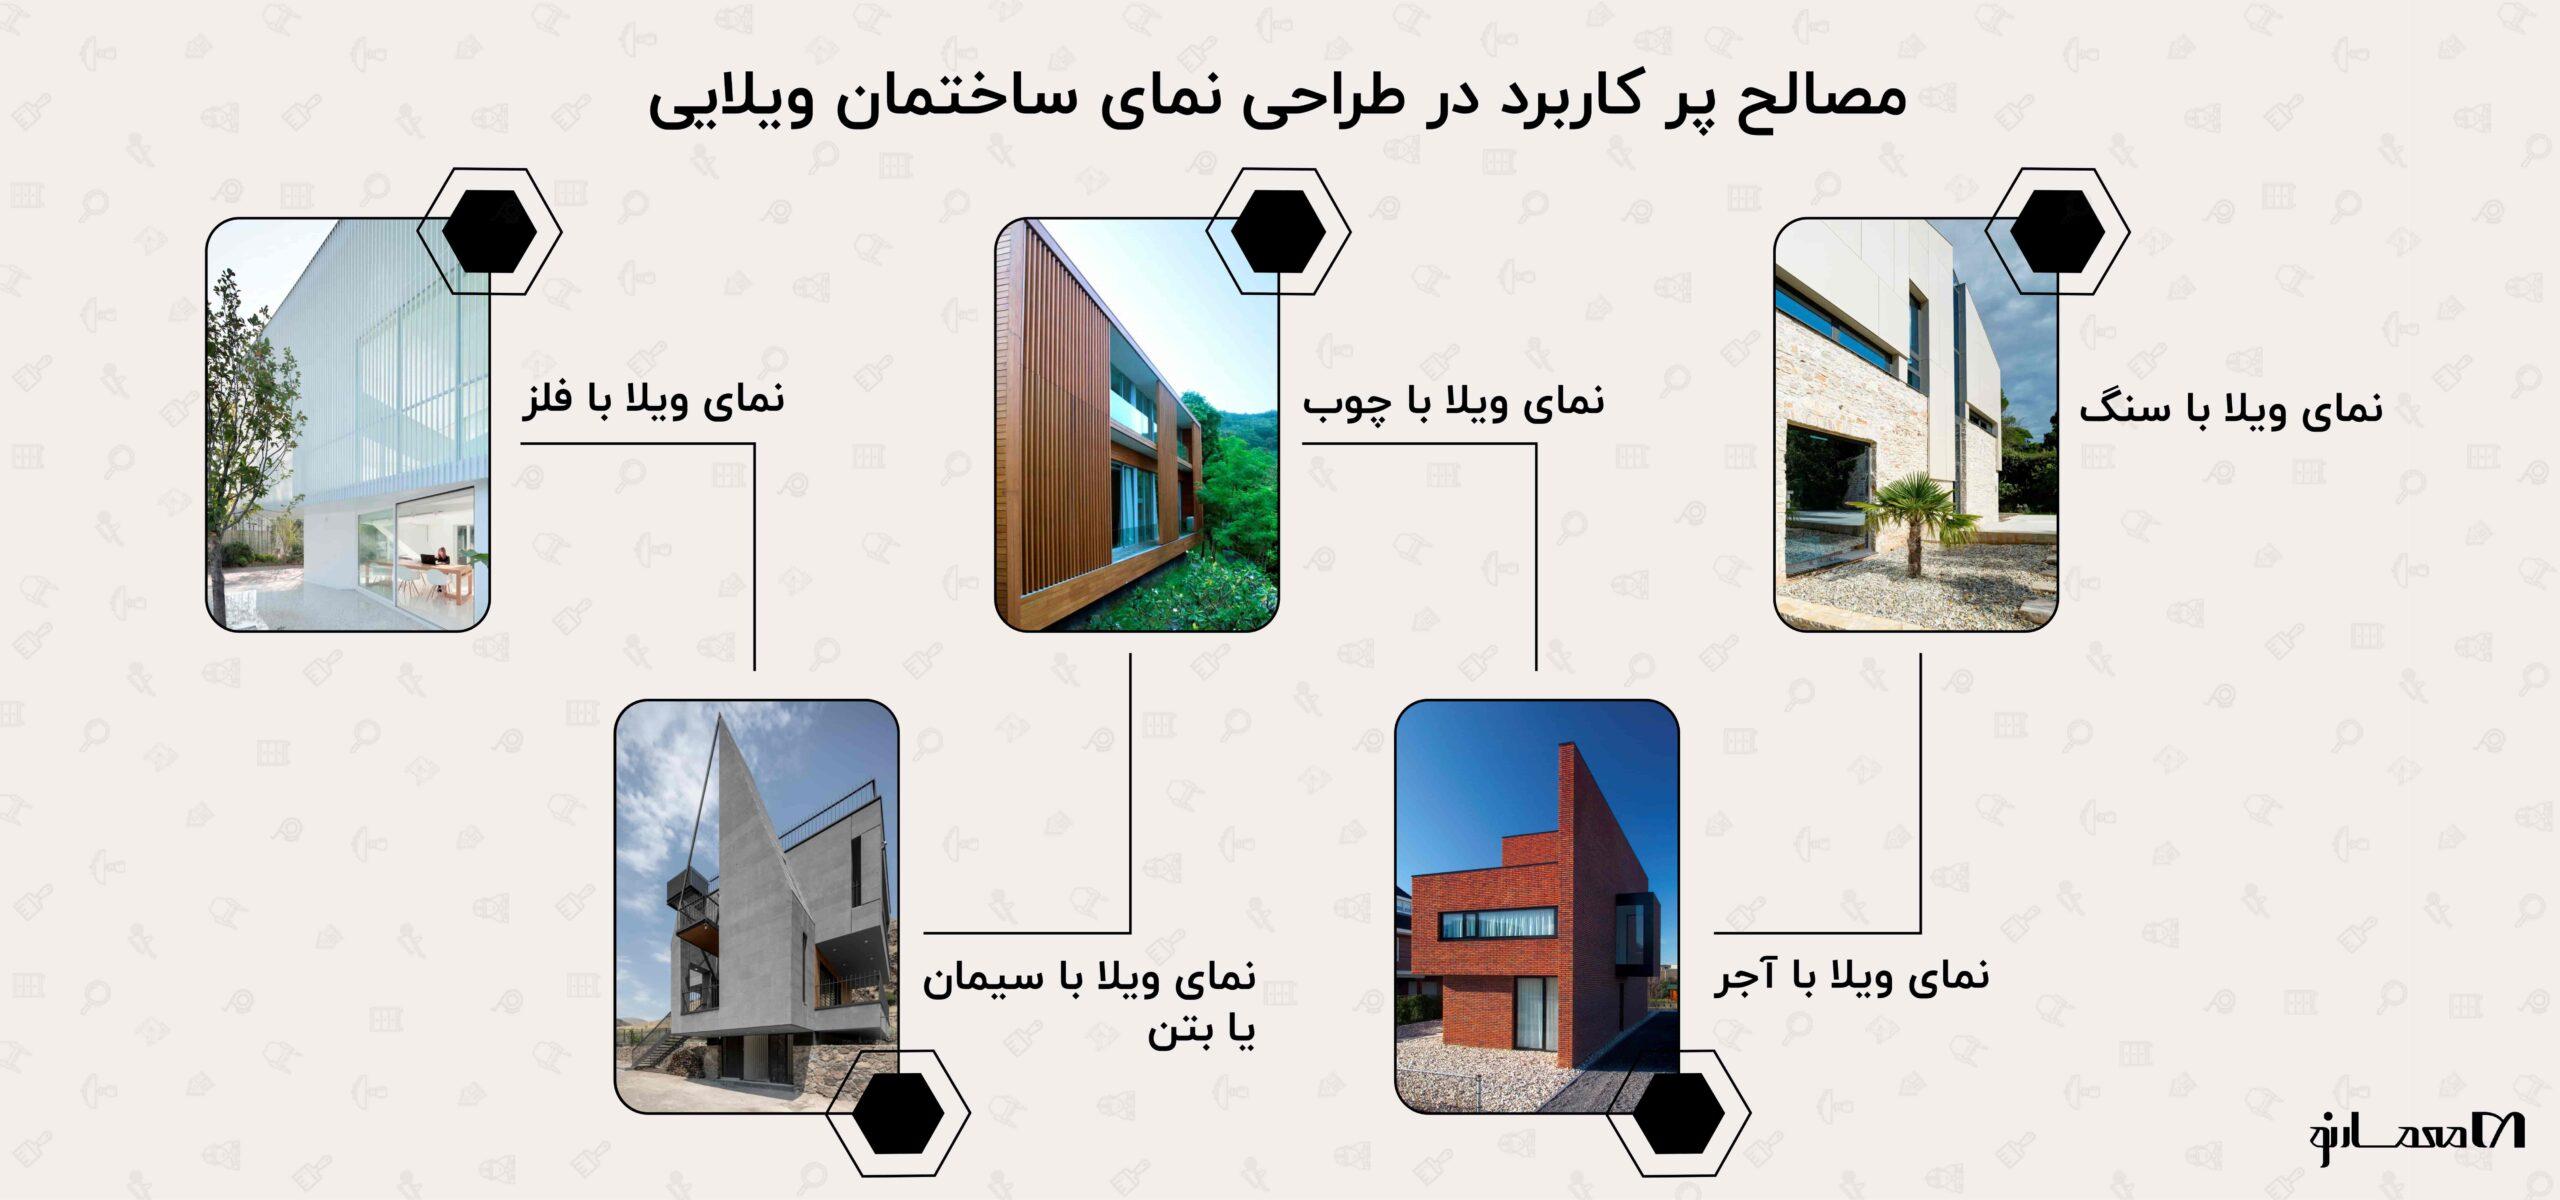 اینفوگرافی درباره مصالح پر کاربرد در طراحی نمای ساختمان ویلایی